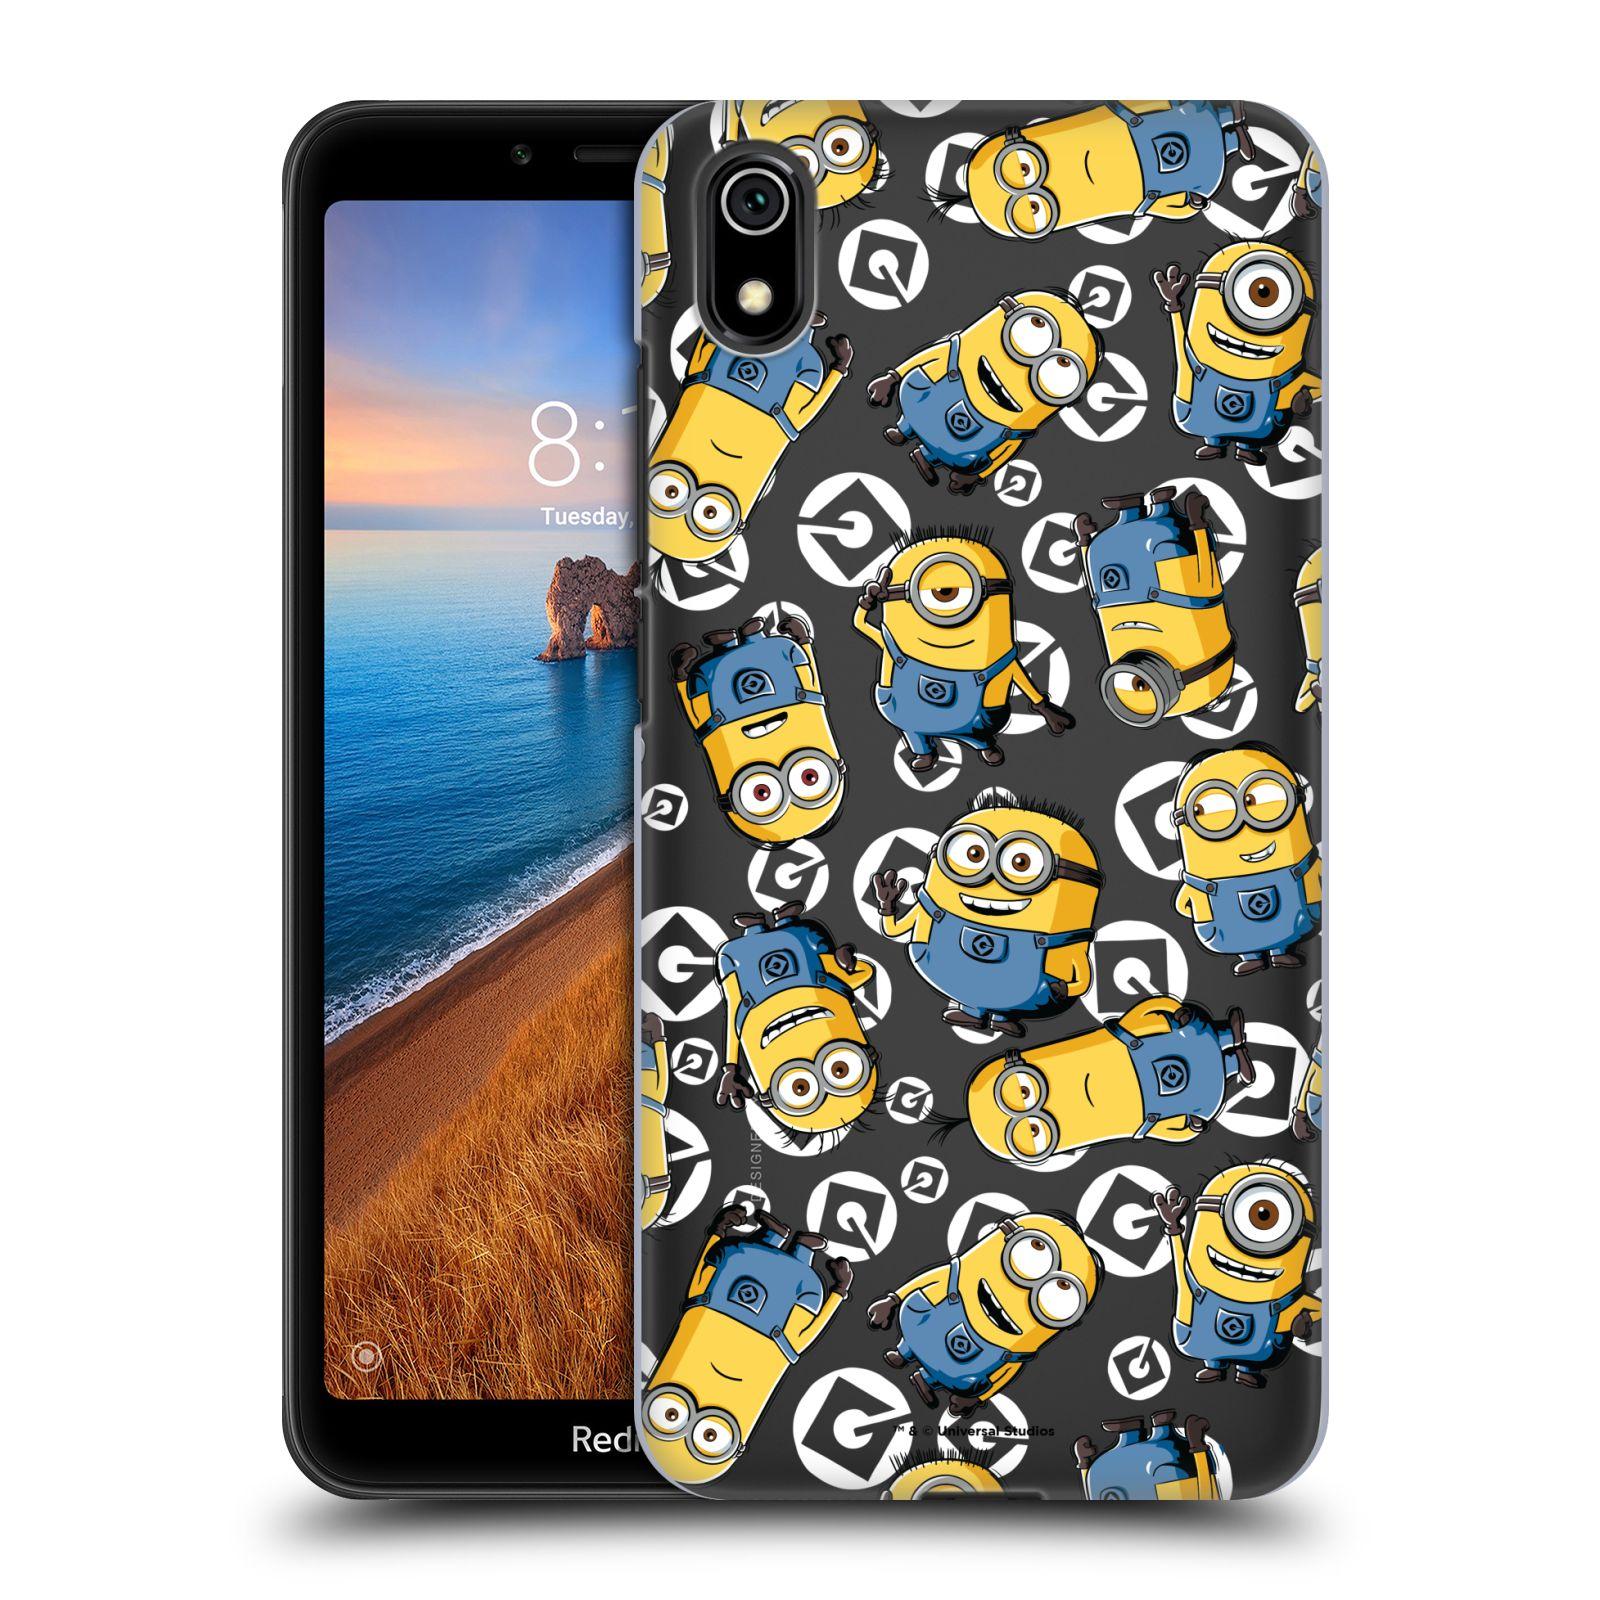 Plastové pouzdro na mobil Xiaomi Redmi 7A - Head Case - Minion pattern z filmu Já, padouch - Despicable Me